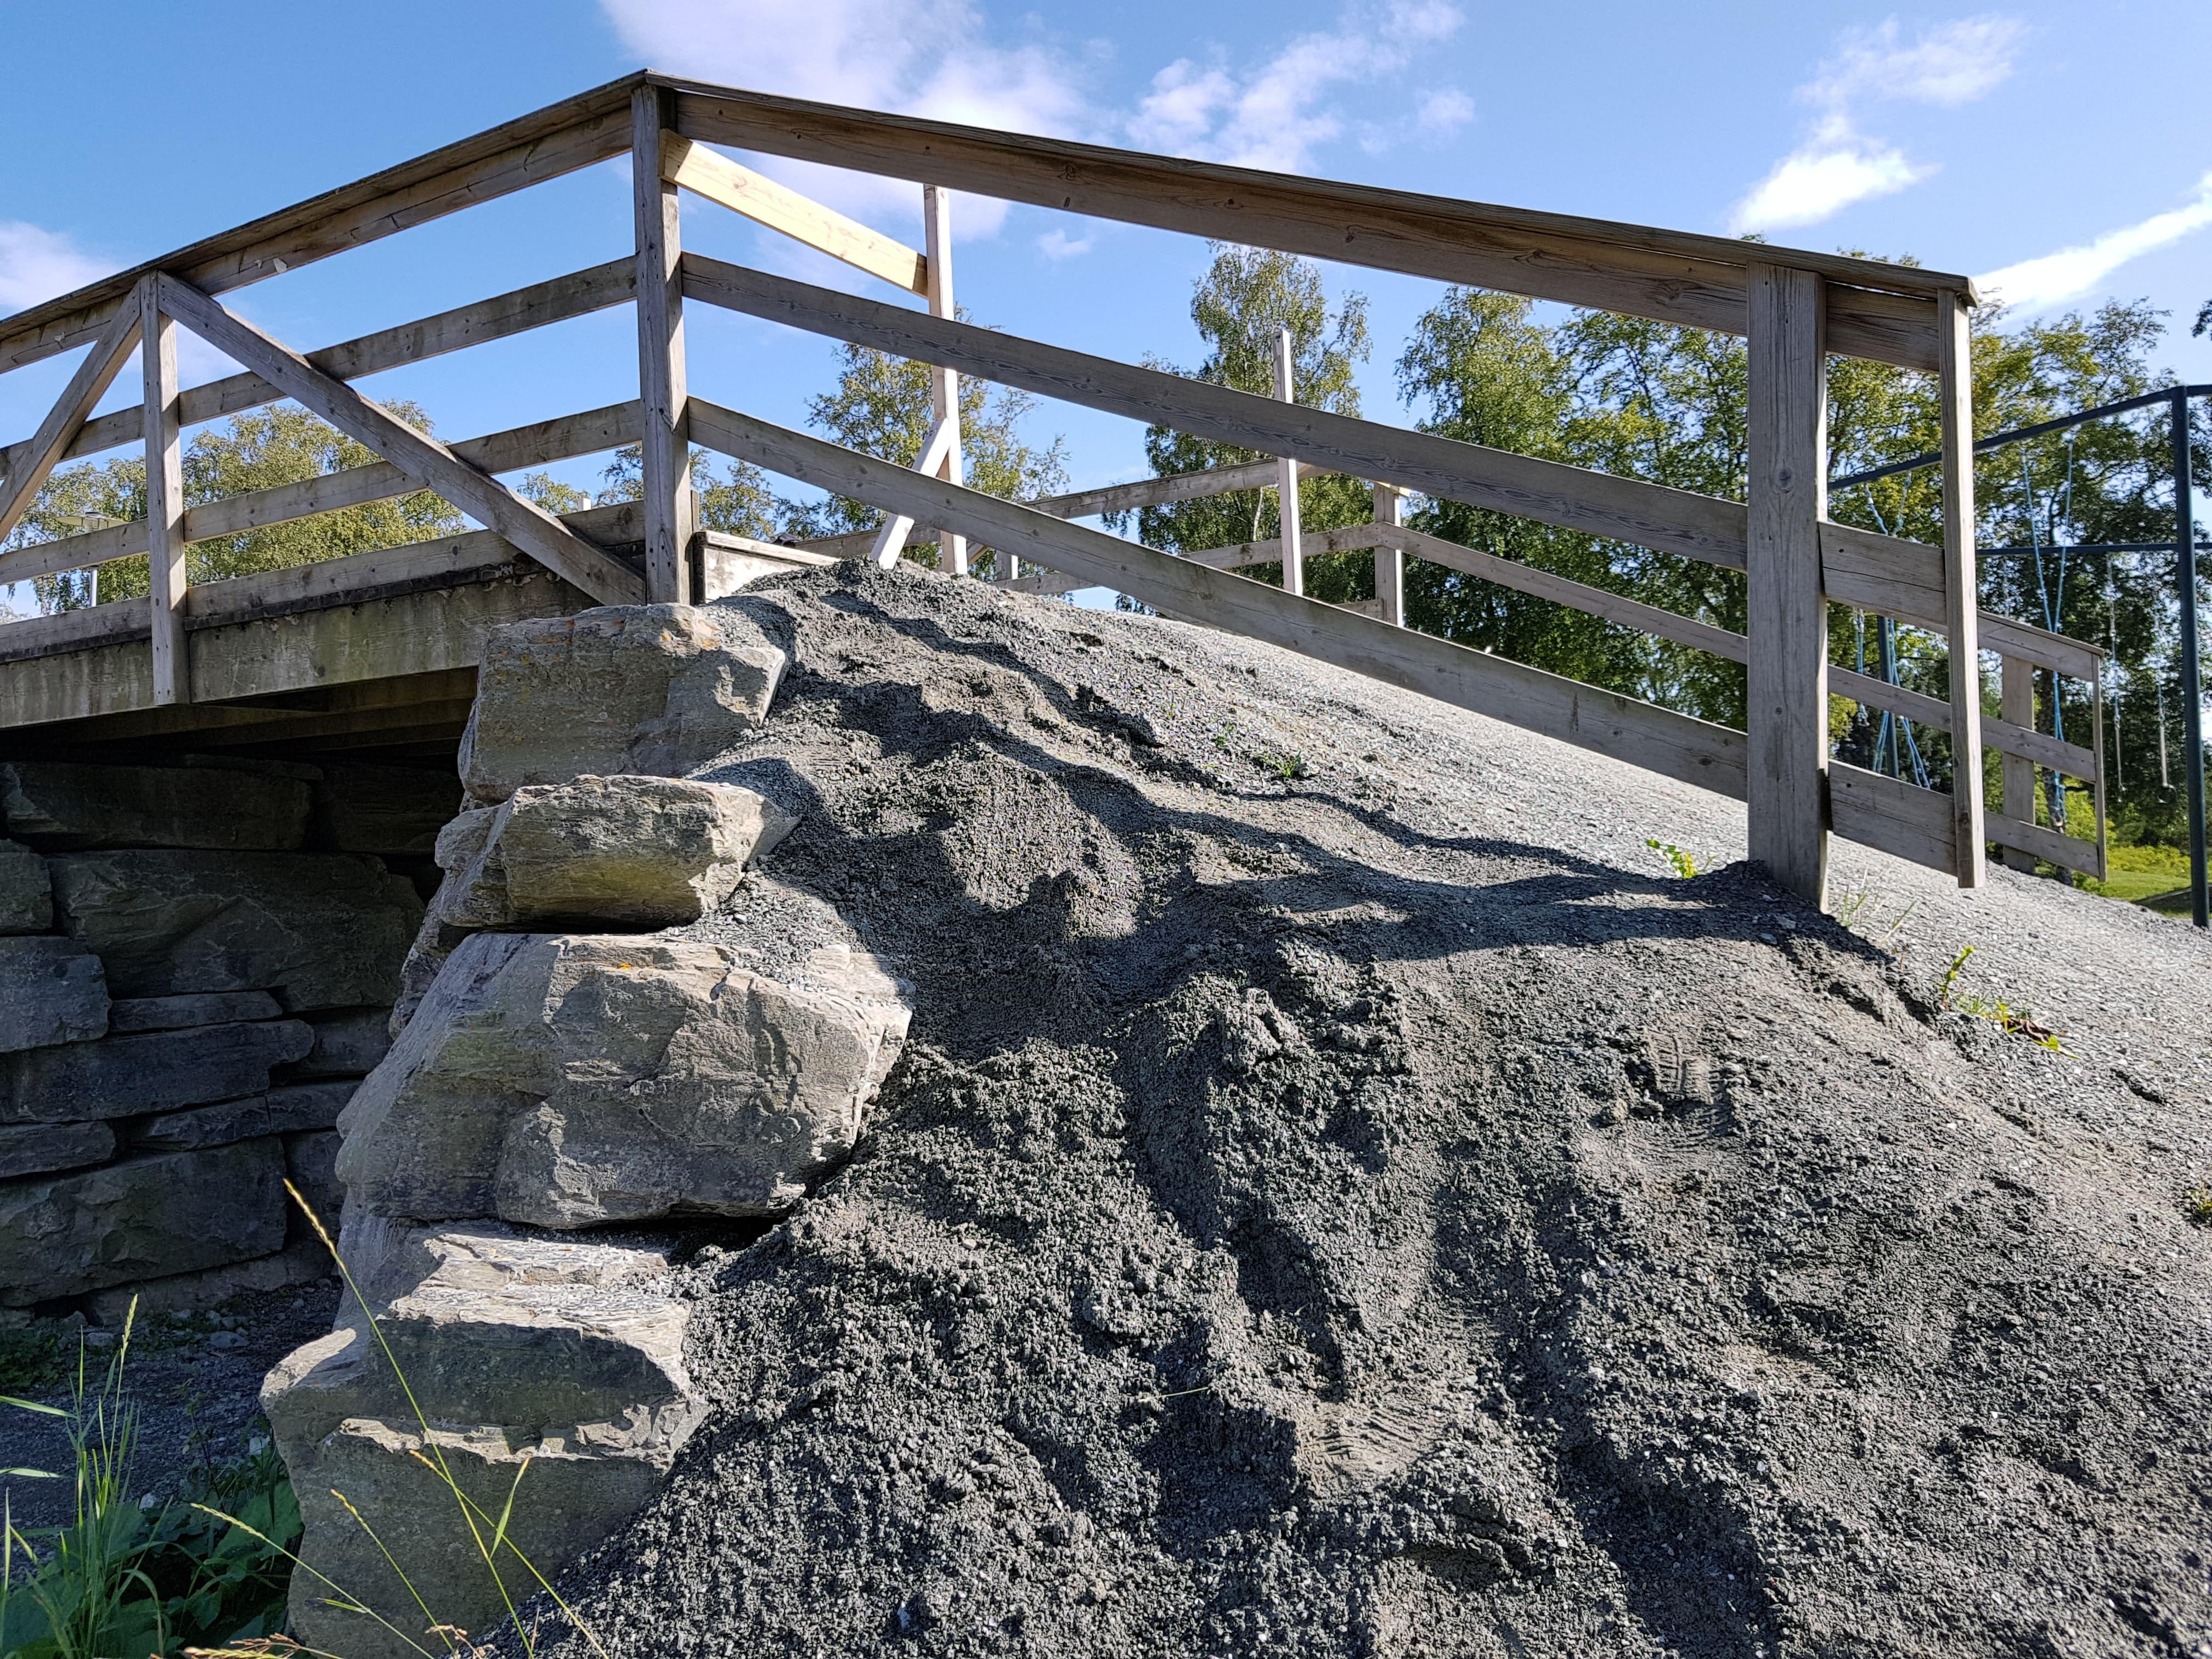 Sand sykkelbane h-19.jpg